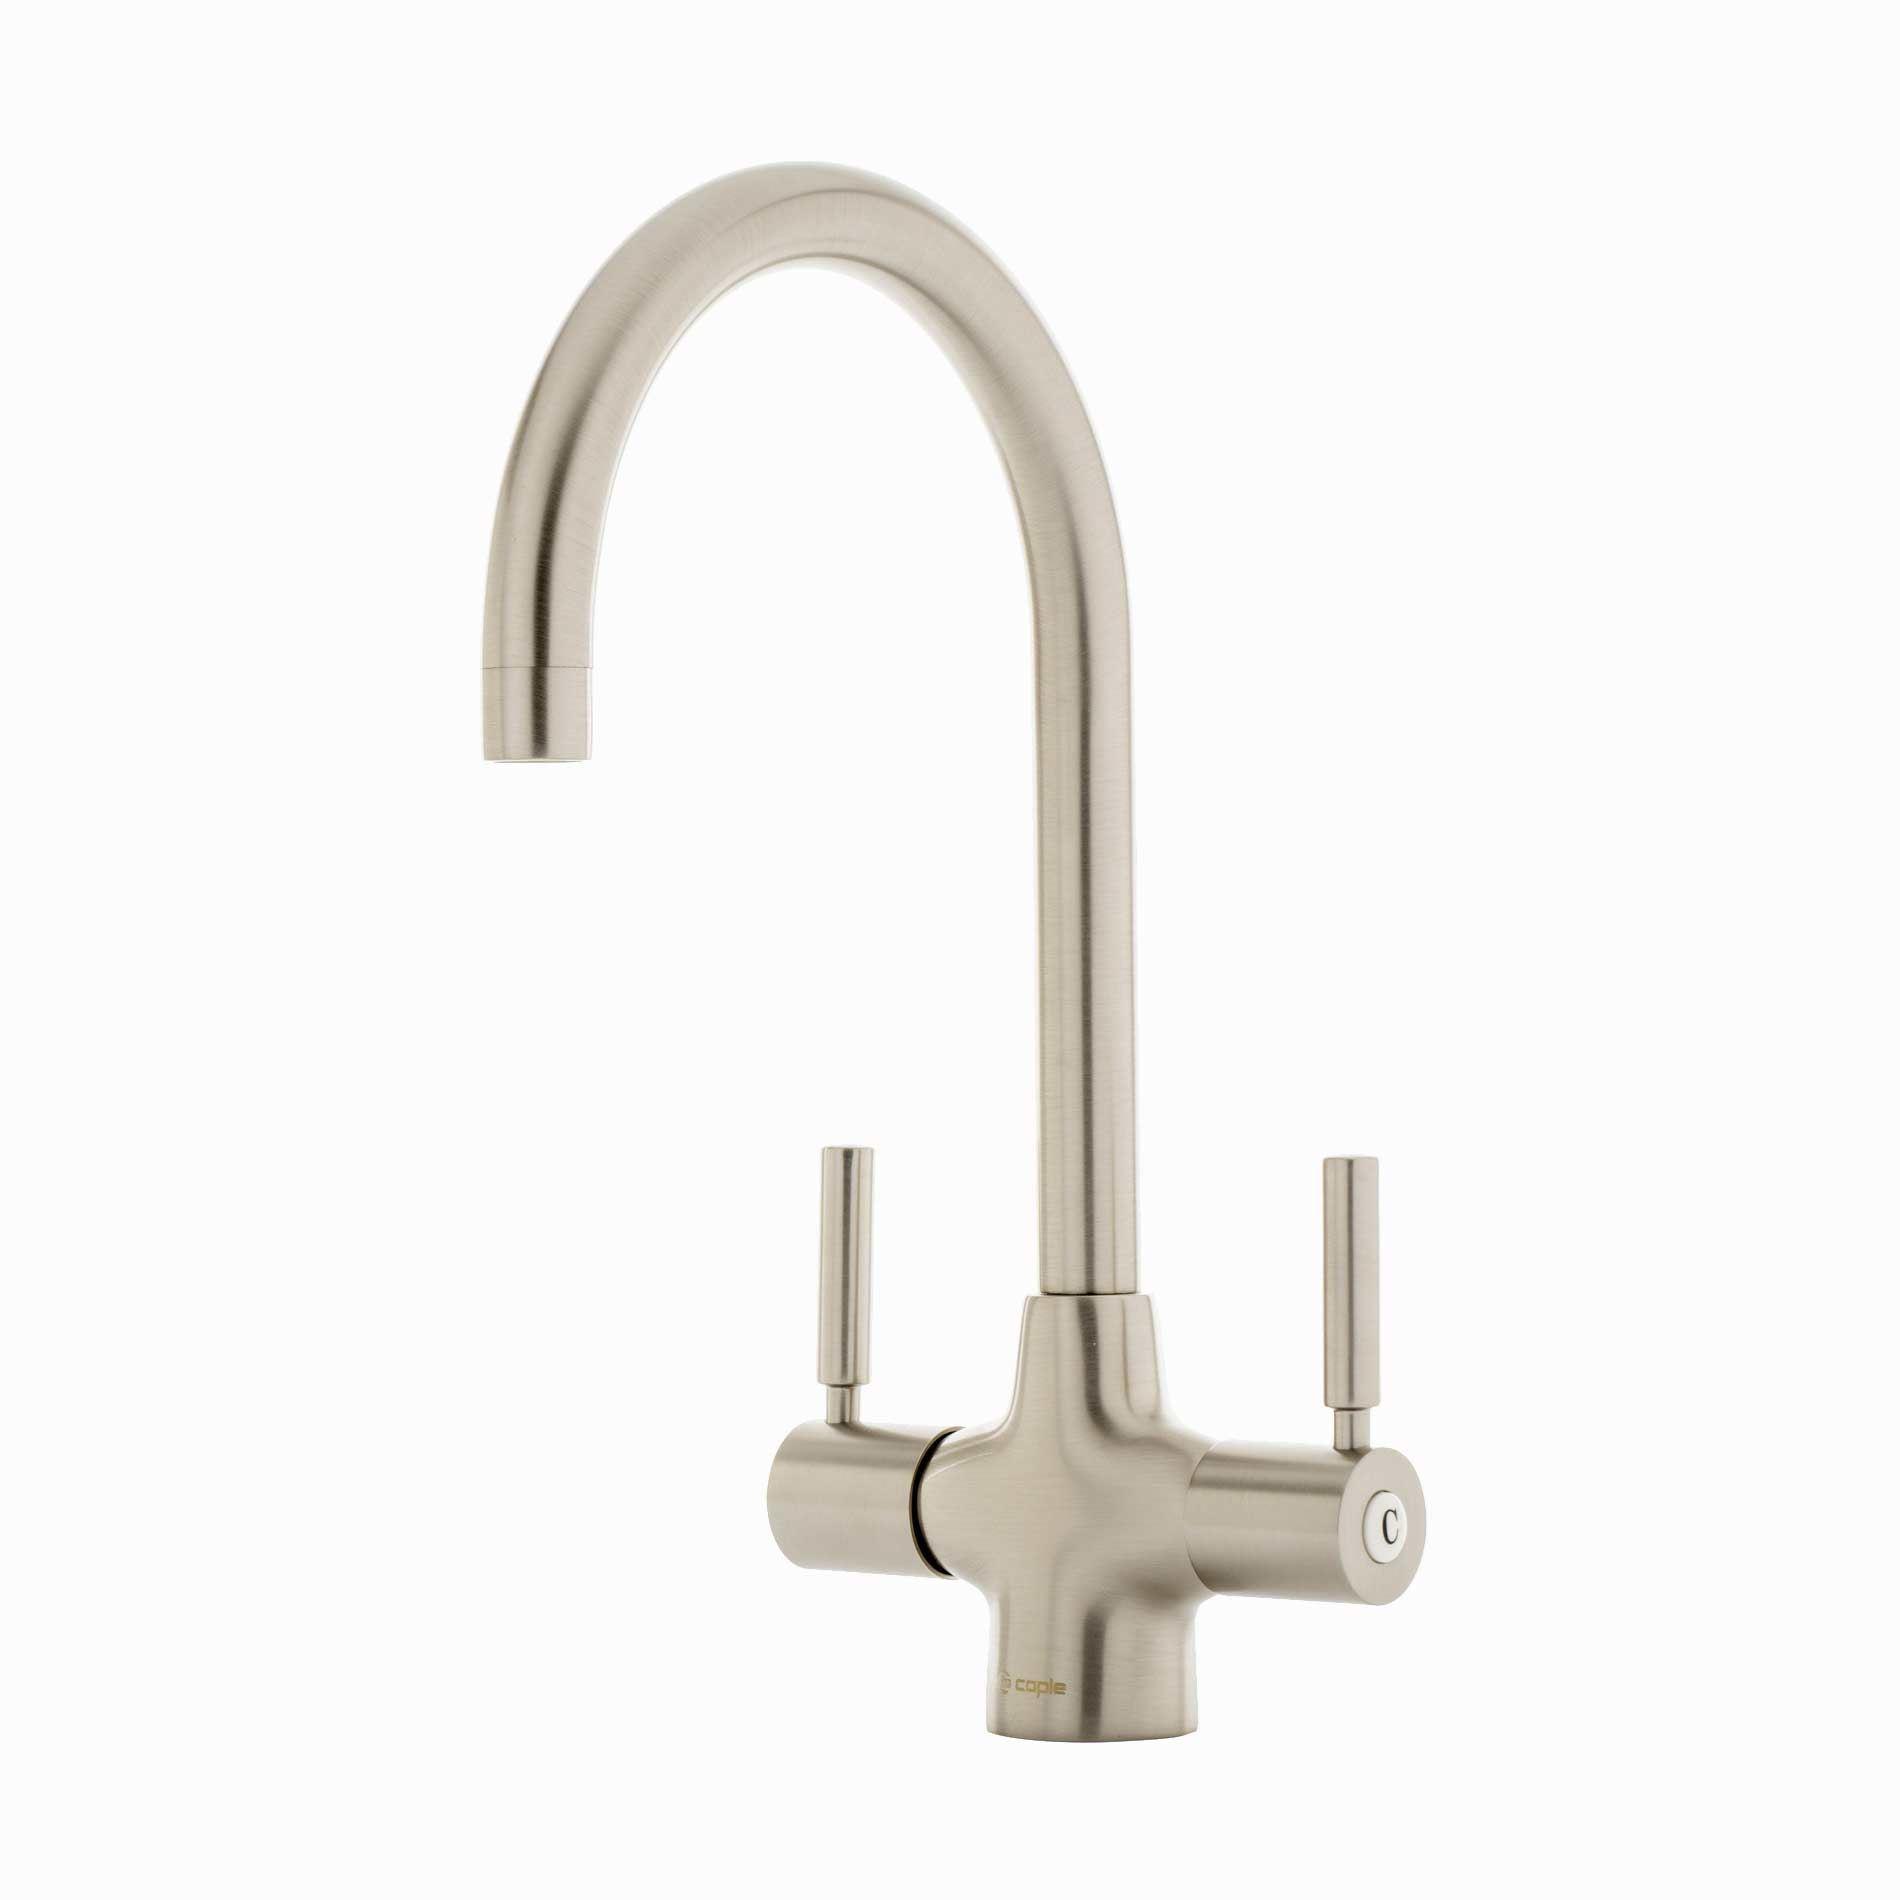 Kitchen Sinks & Taps - Caple: Washington Brushed Nickel Tap